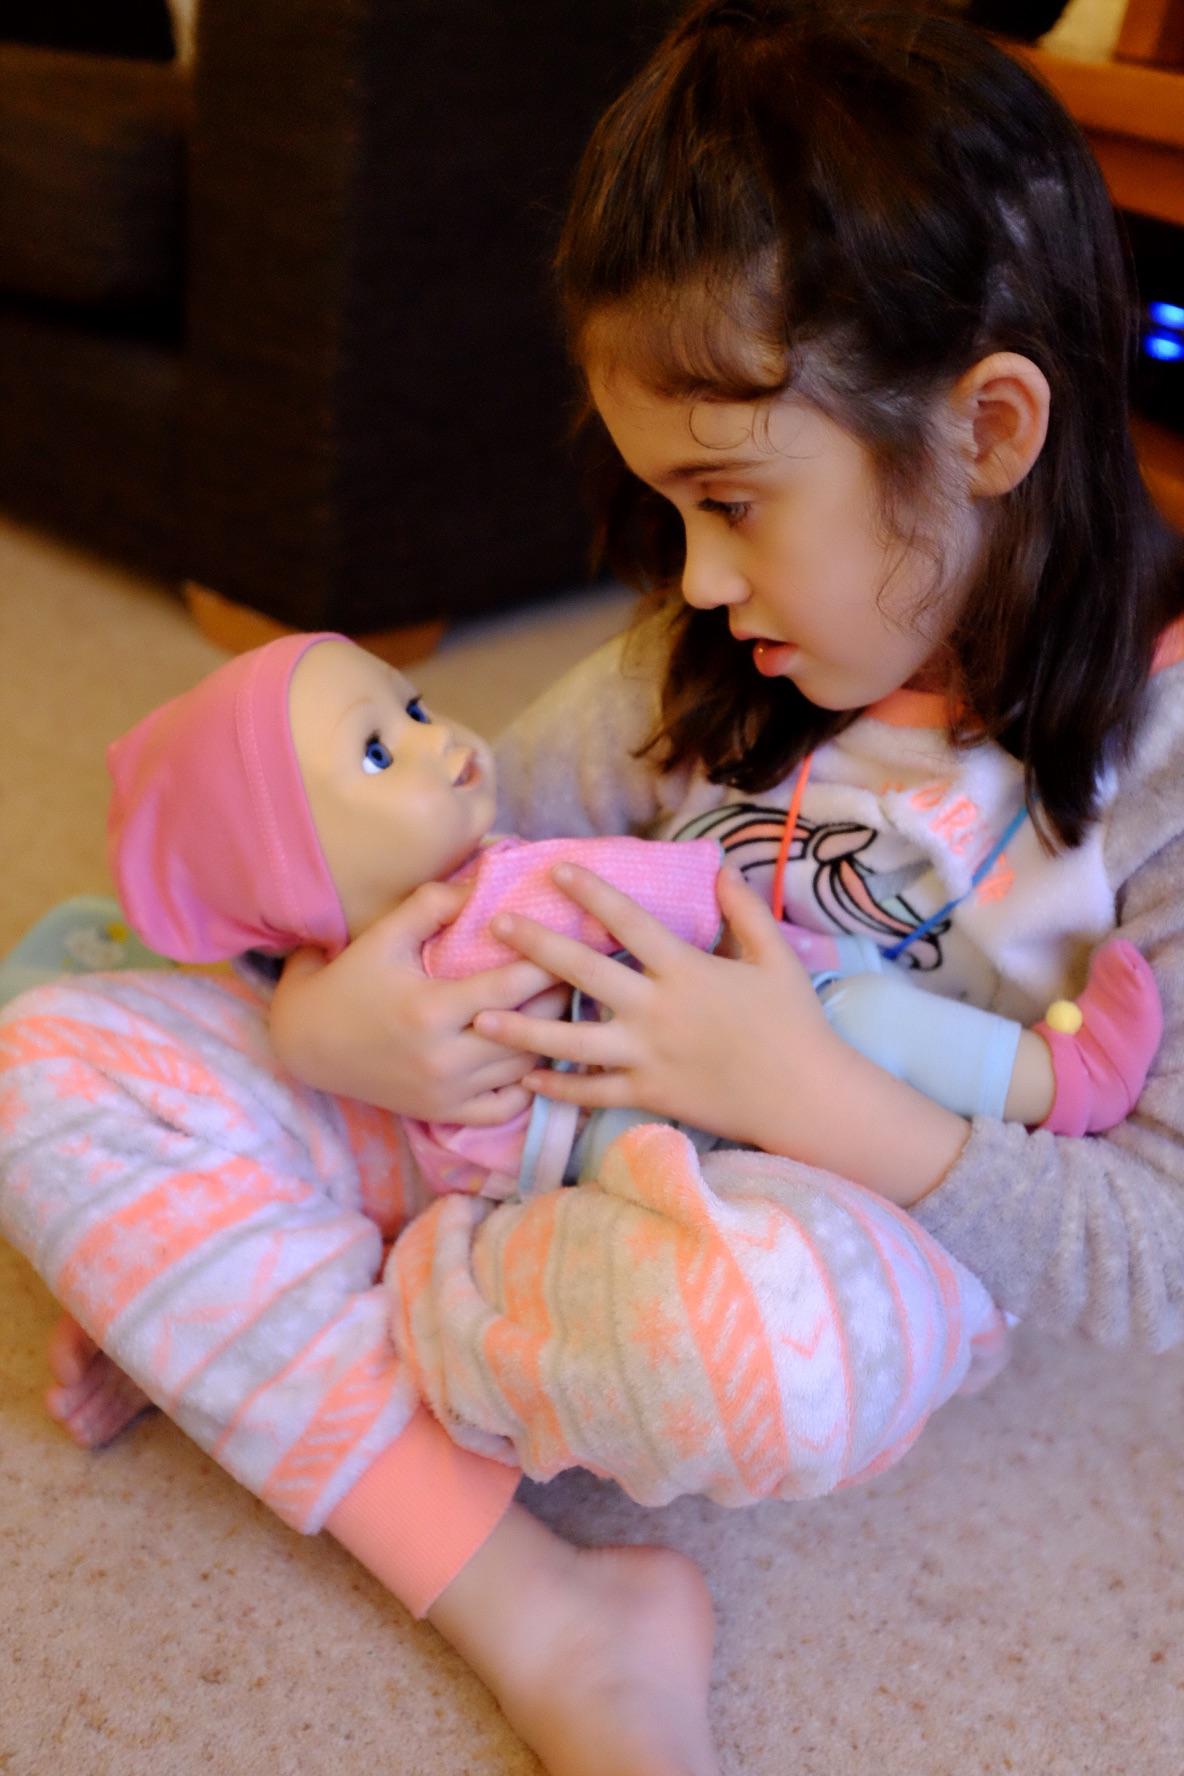 Elli Smiles doll cuddles